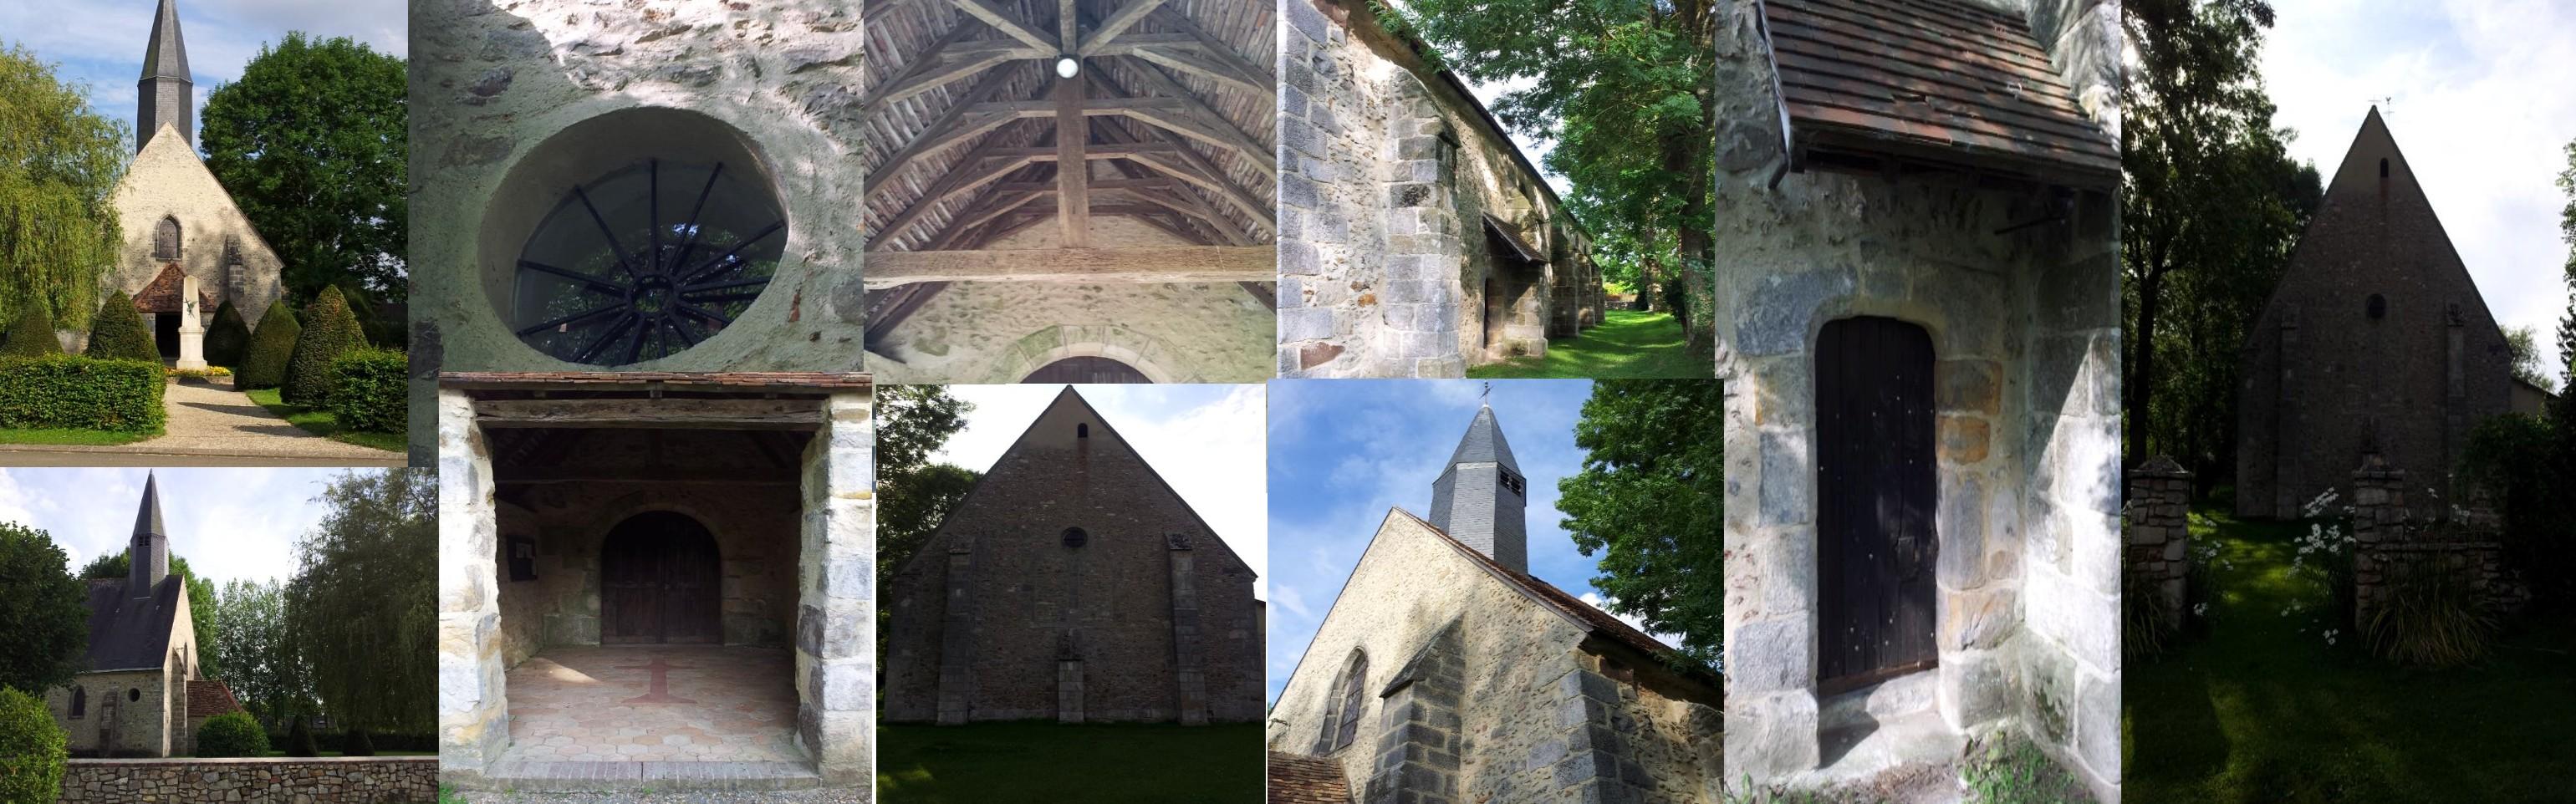 Bandeau église